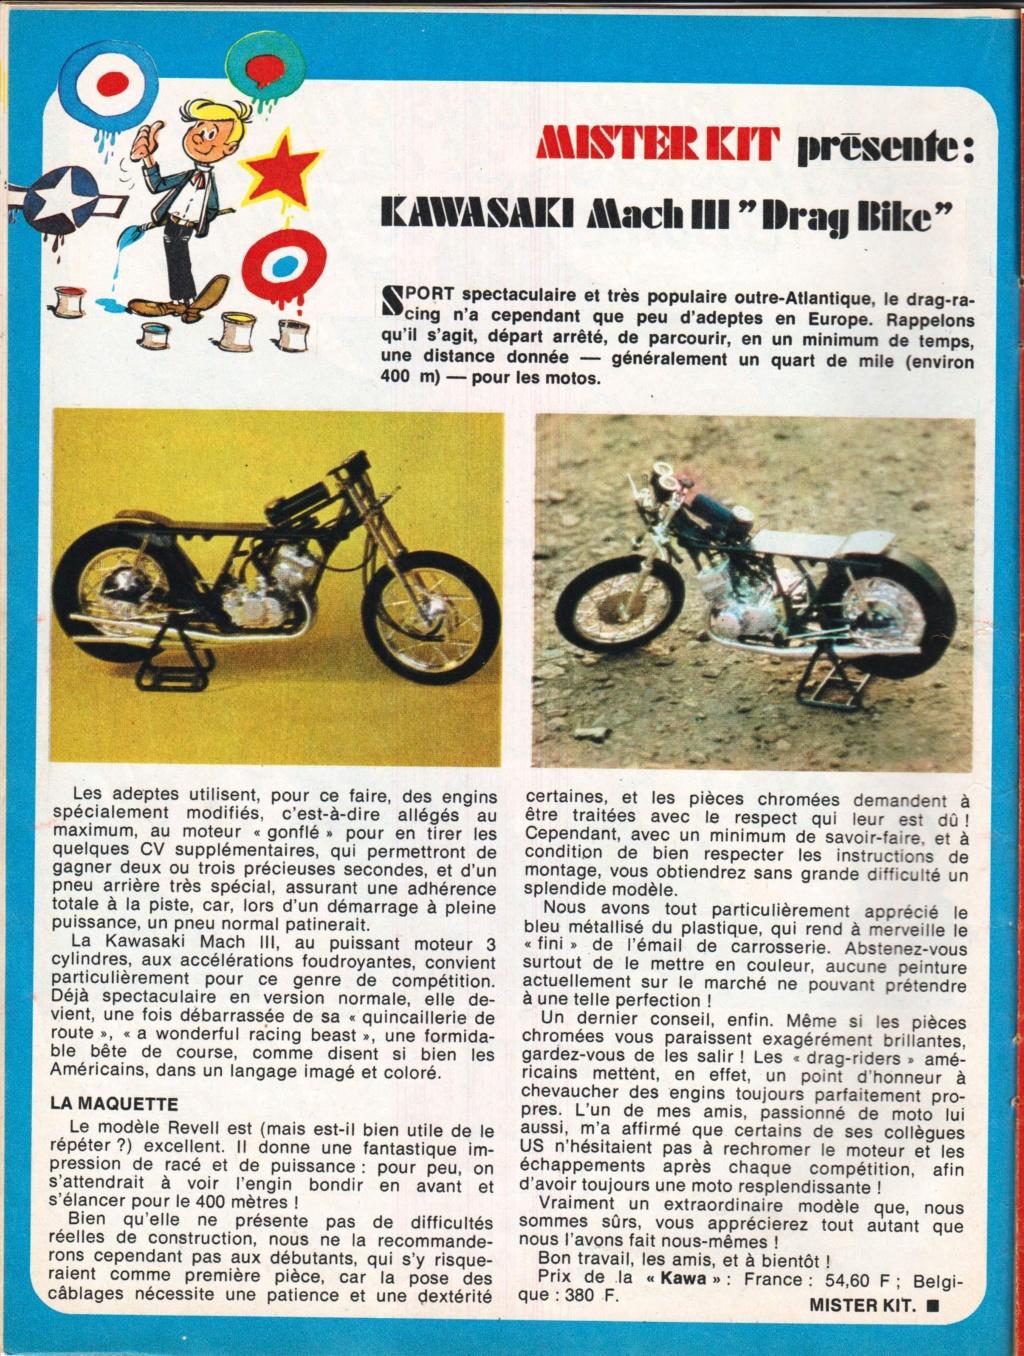 rubrique hommage  à Mister Kit  - Page 9 Spirou25